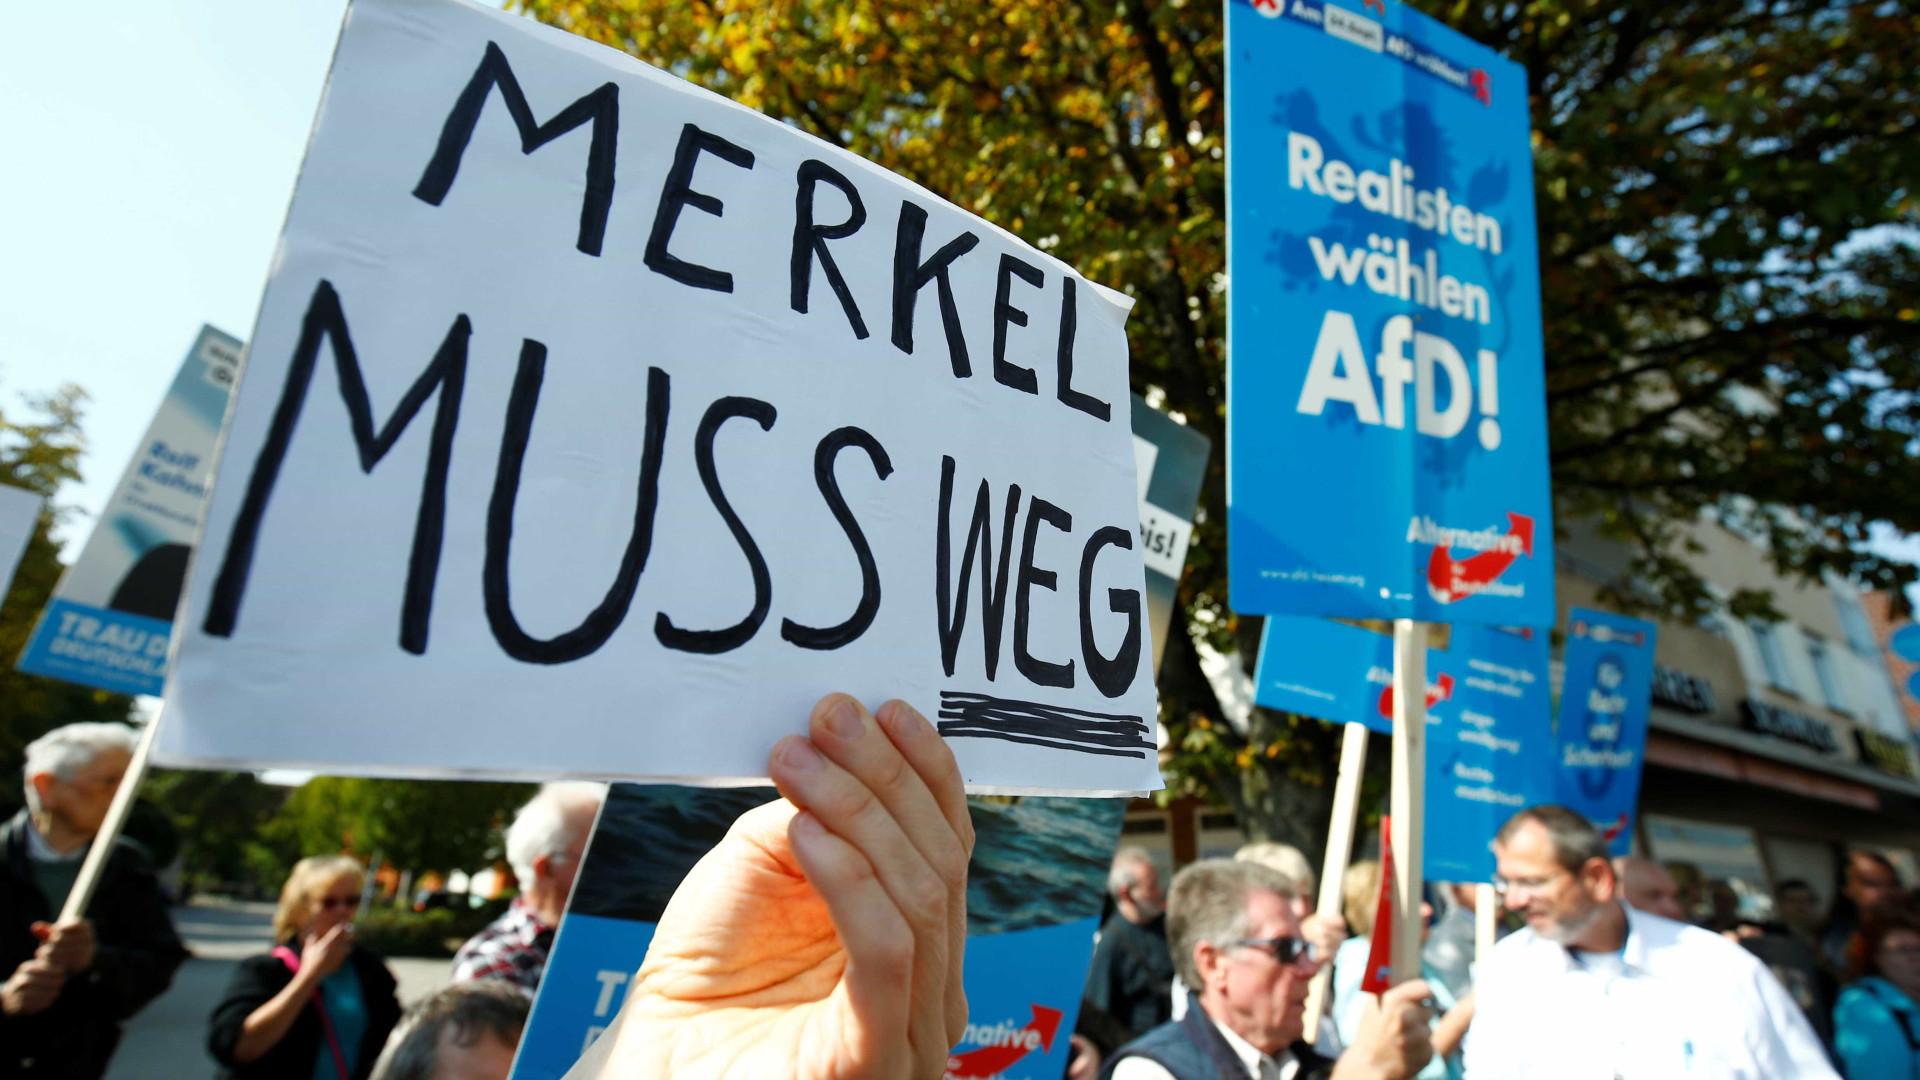 Direita radical avança para se tornar principal oposição a Merkel